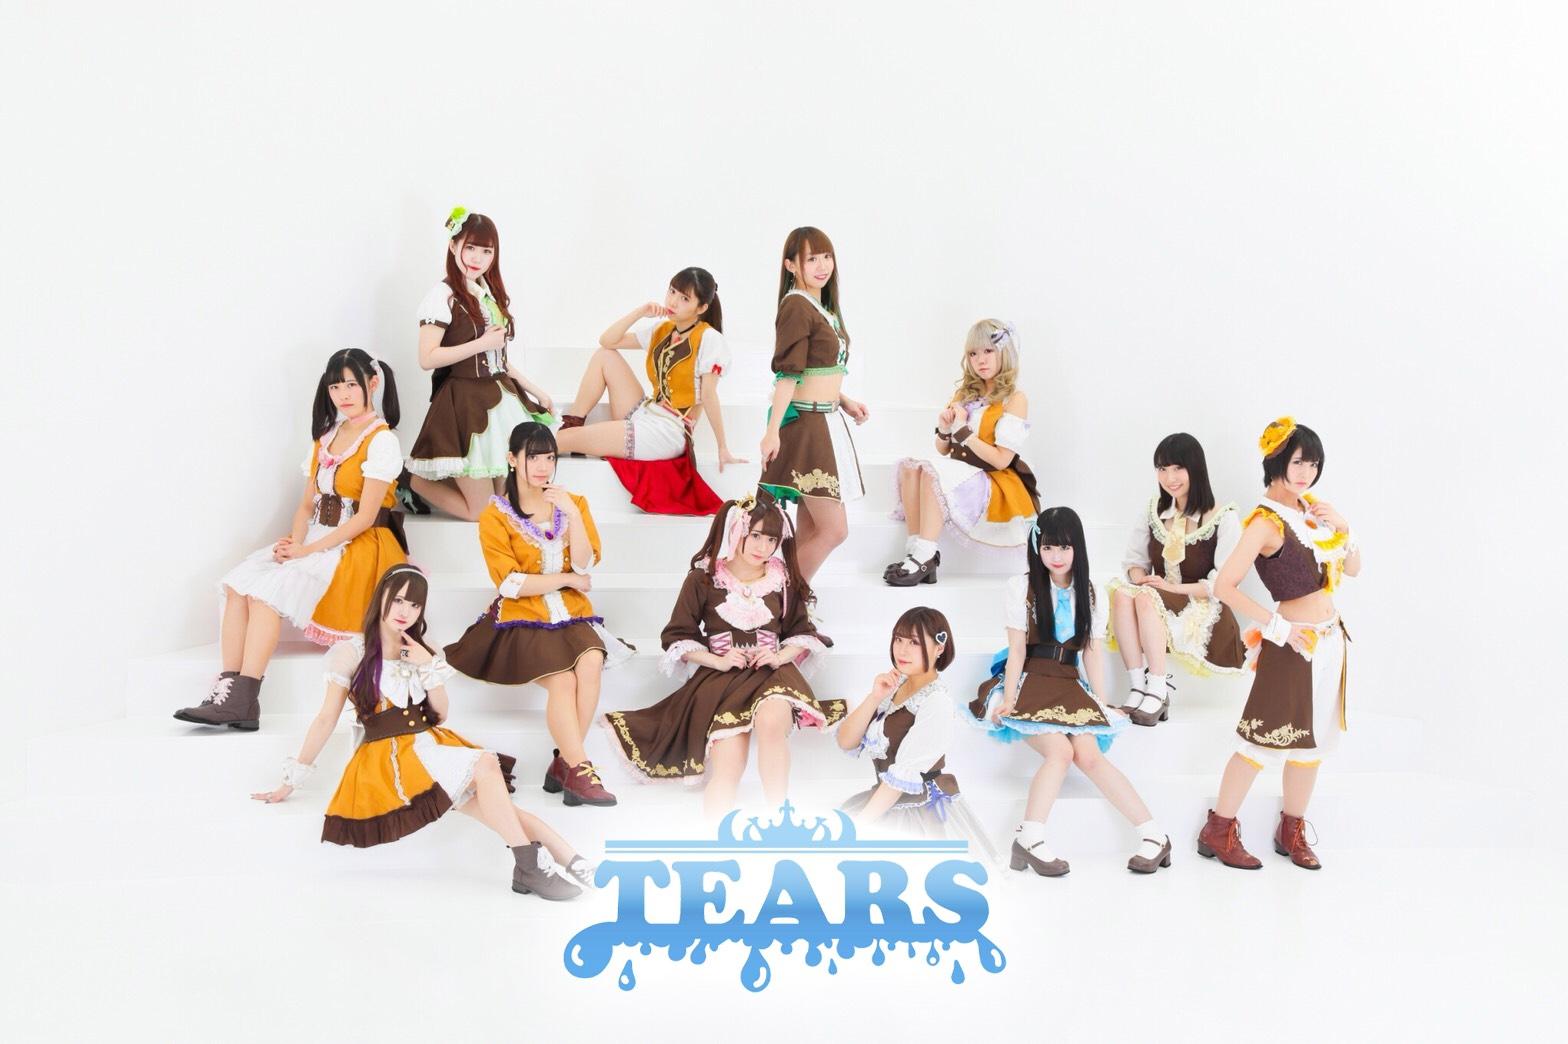 TEARS-ティアーズ-〈公演中止/振替公演あり〉